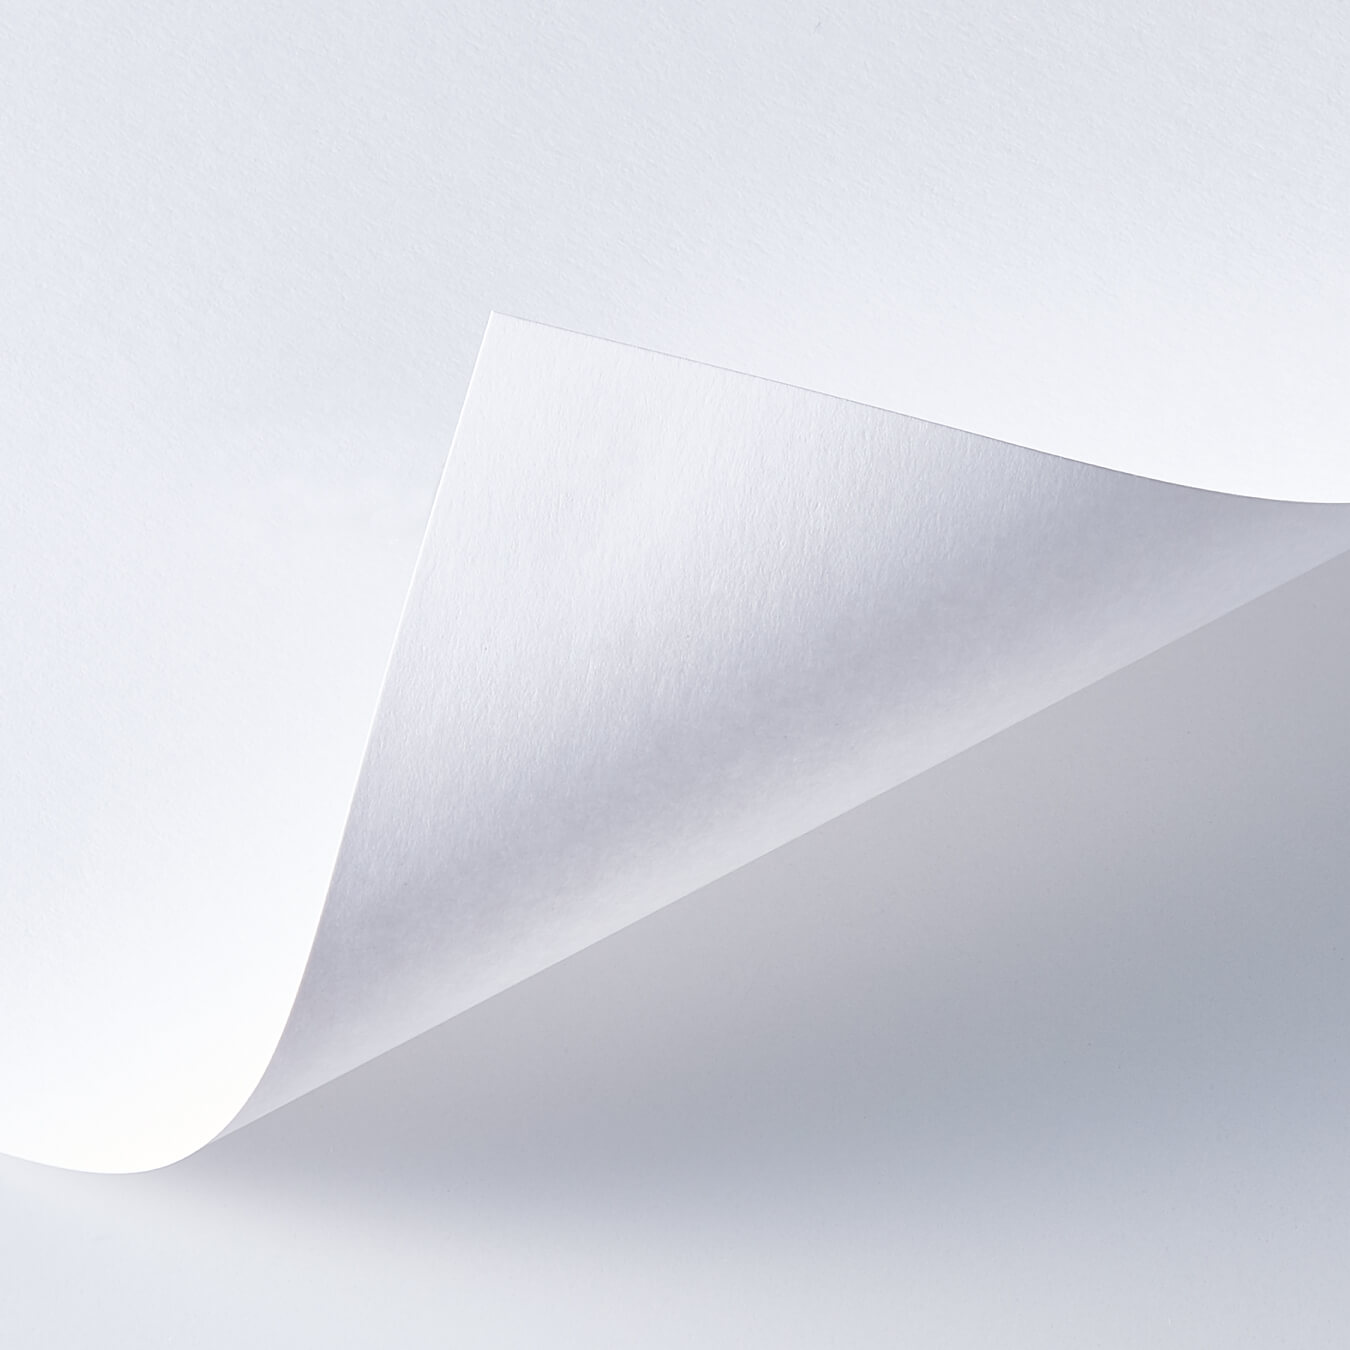 Datail of Premium Bond Paper